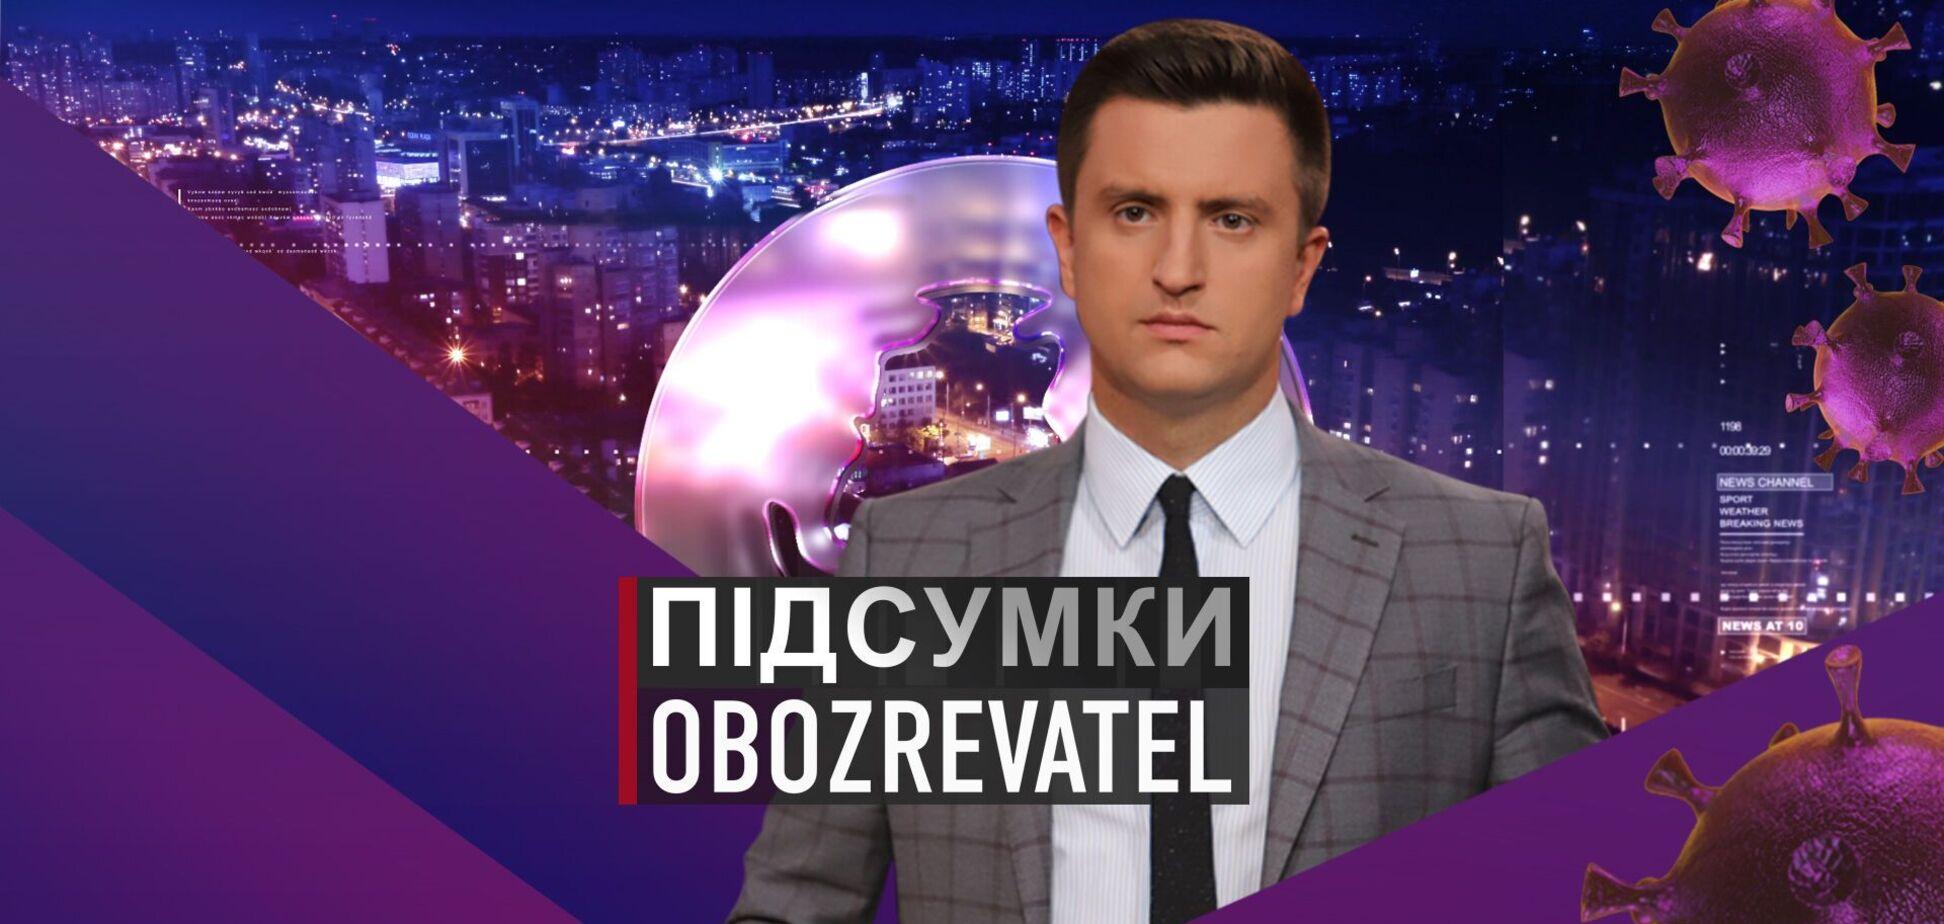 Підсумки з Вадимом Колодійчуком. Вівторок, 3 серпня